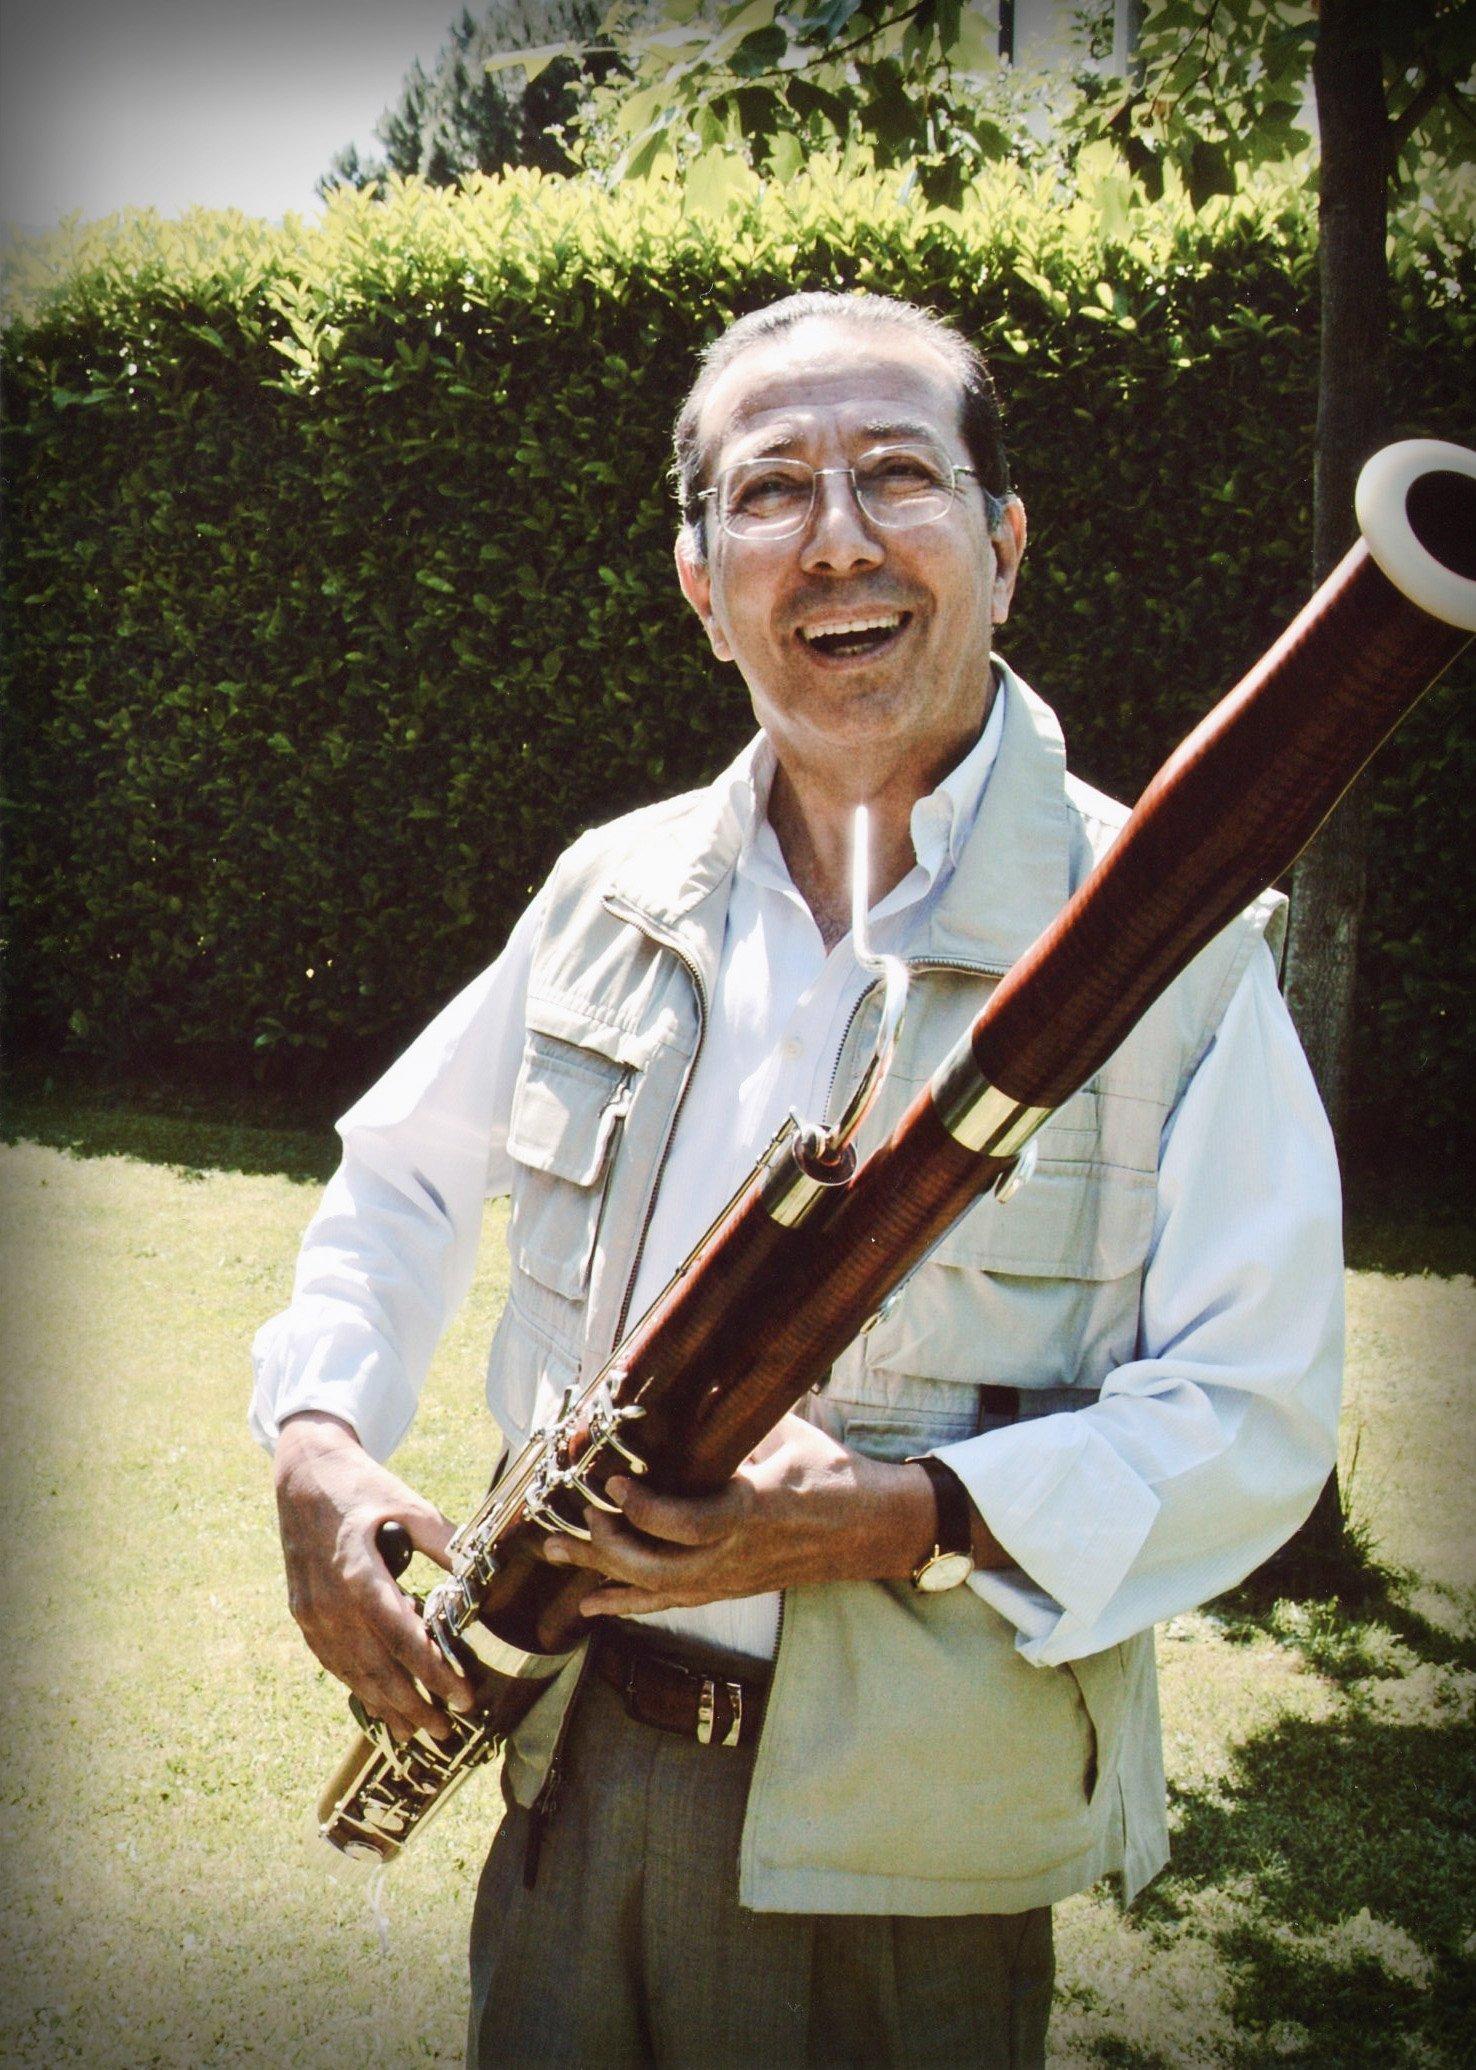 Ovidio Danzi di Danzi Reeds, maestro nella costruzione di ance per fagotto, oboe e clarinetto - Ovidio Danzi from Danzi Reeds, master canes for bassoon, oboe and clarinet